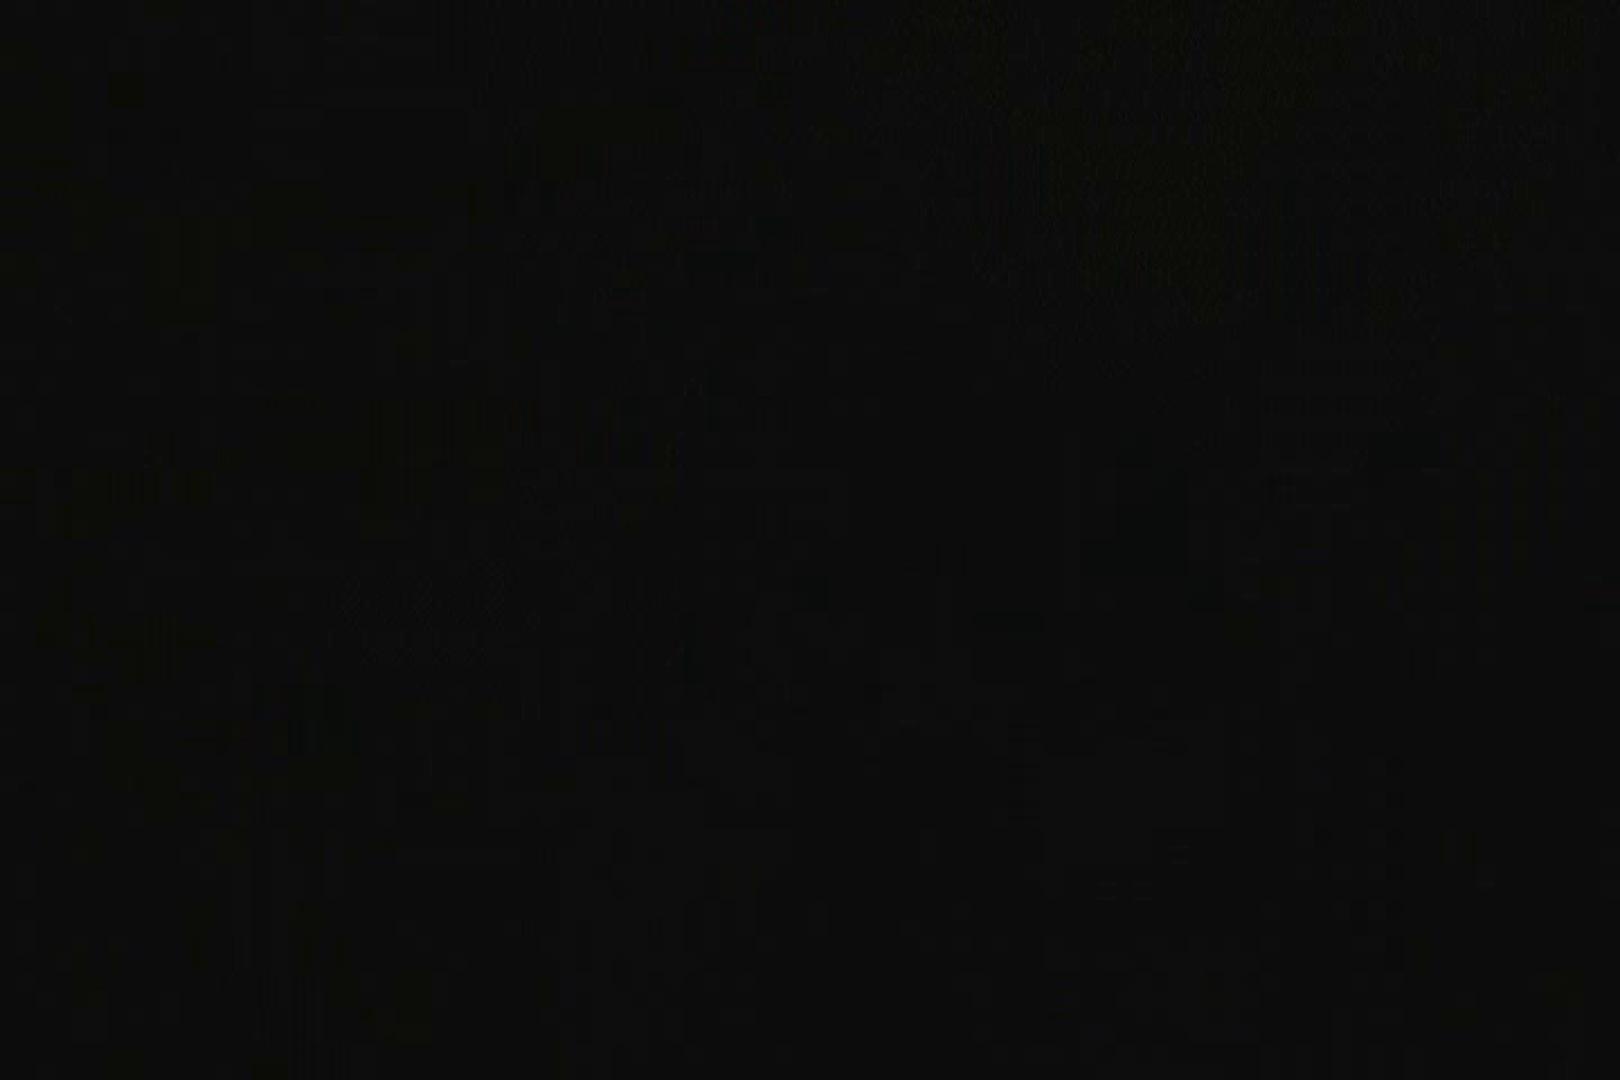 放課後居残り内科検診Vol.2 淫乱 エロ無料画像 103画像 49